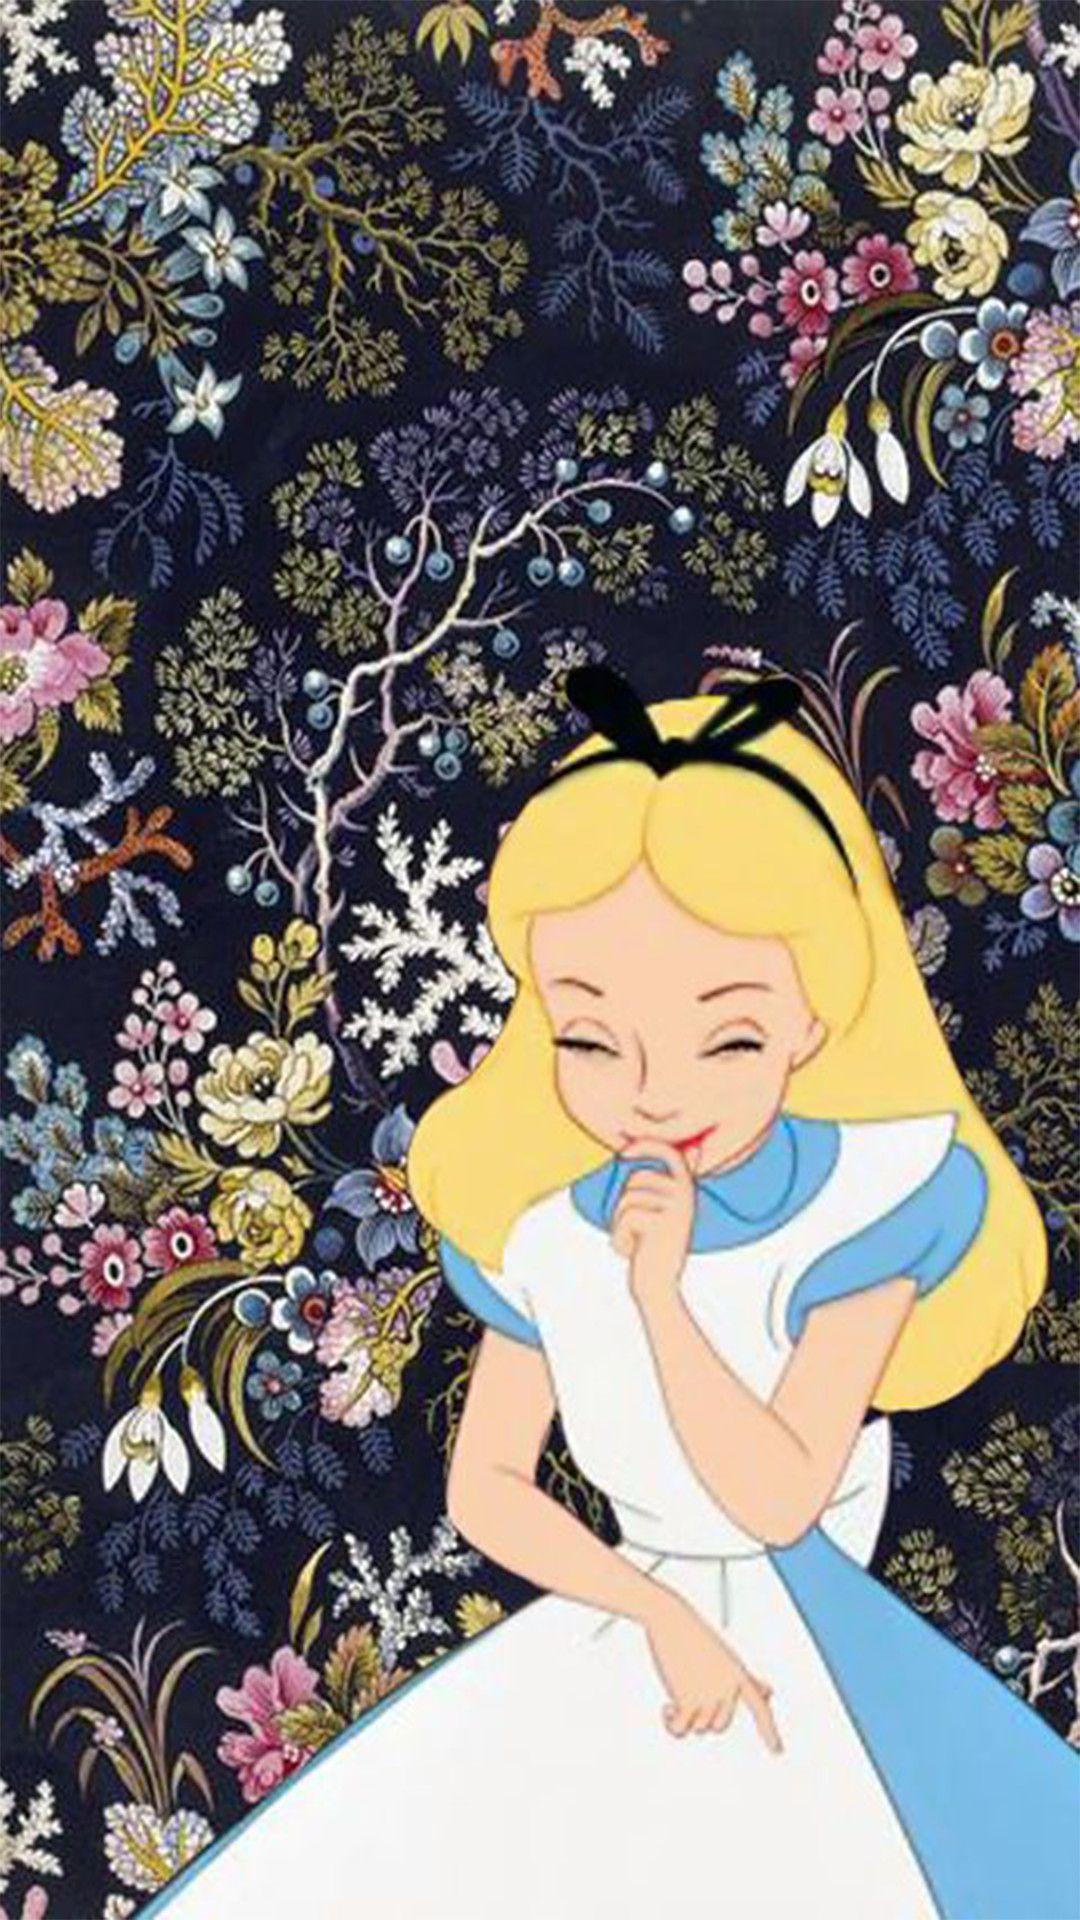 不思議の国のアリス ディズニーの携帯電話の壁紙 壁紙iphone